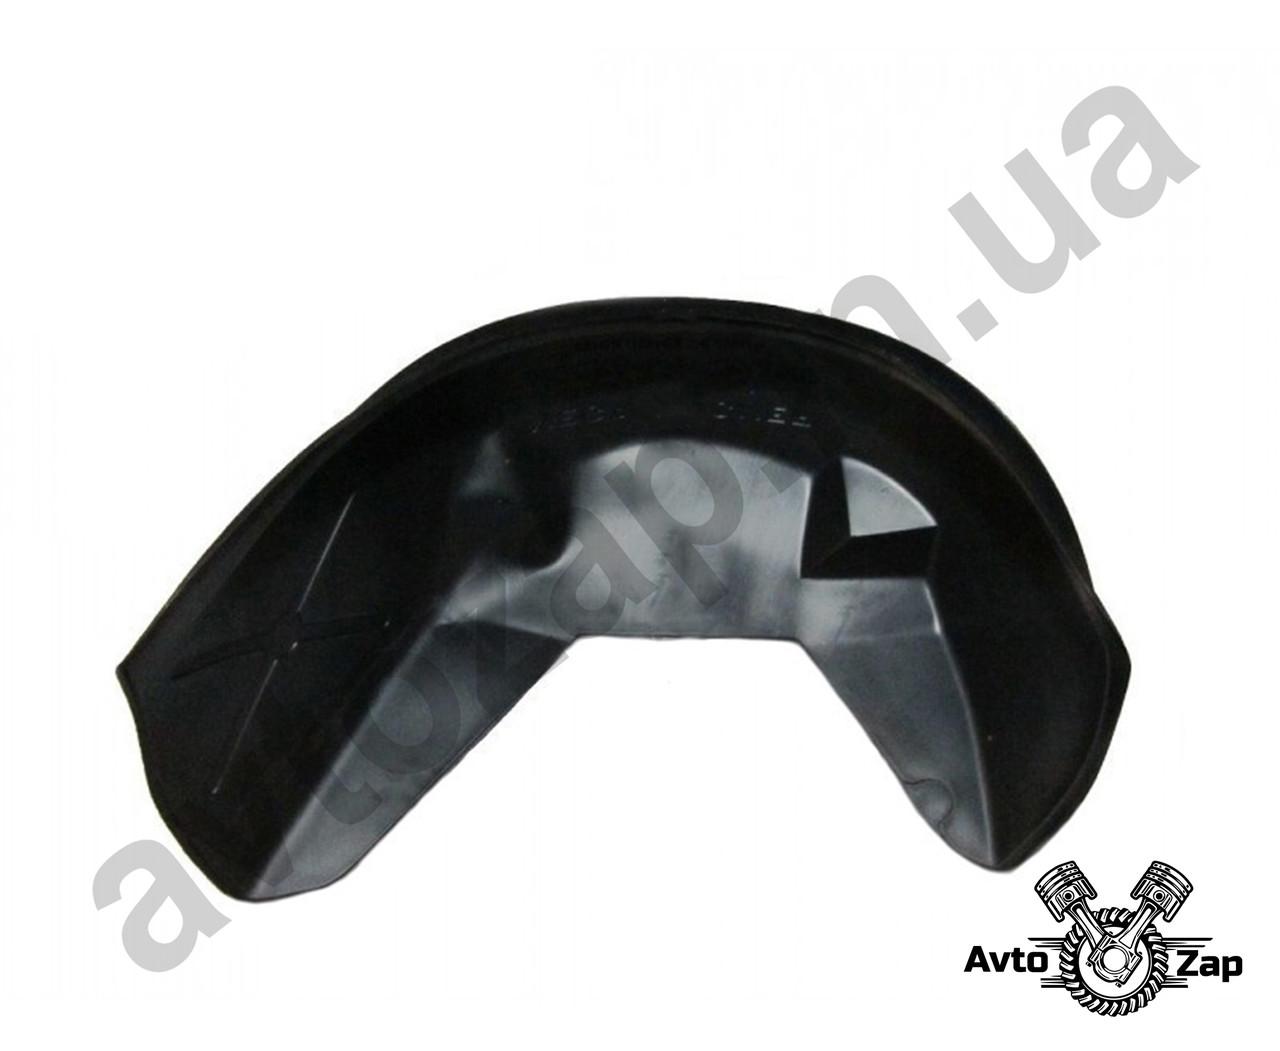 Защита колесных арок (подкрылки) передняя Москвич 412, комплект